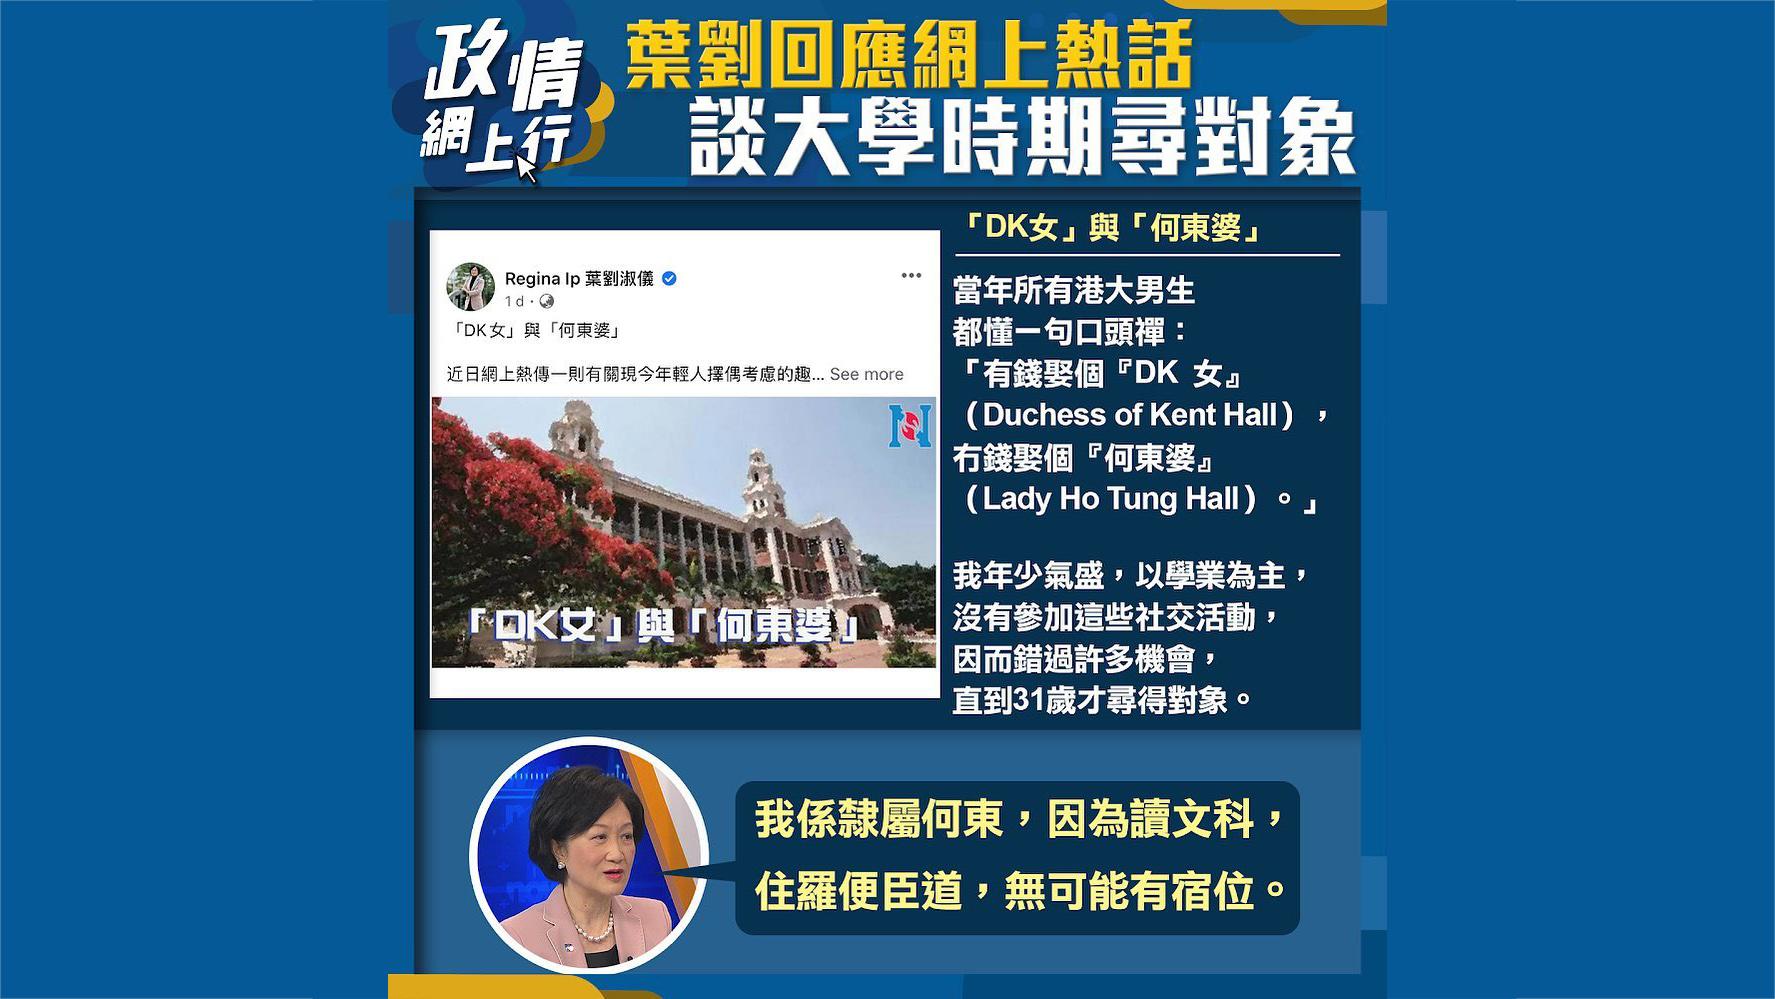 【政情網上行】 葉劉回應網上熱話 談大學時期尋對象